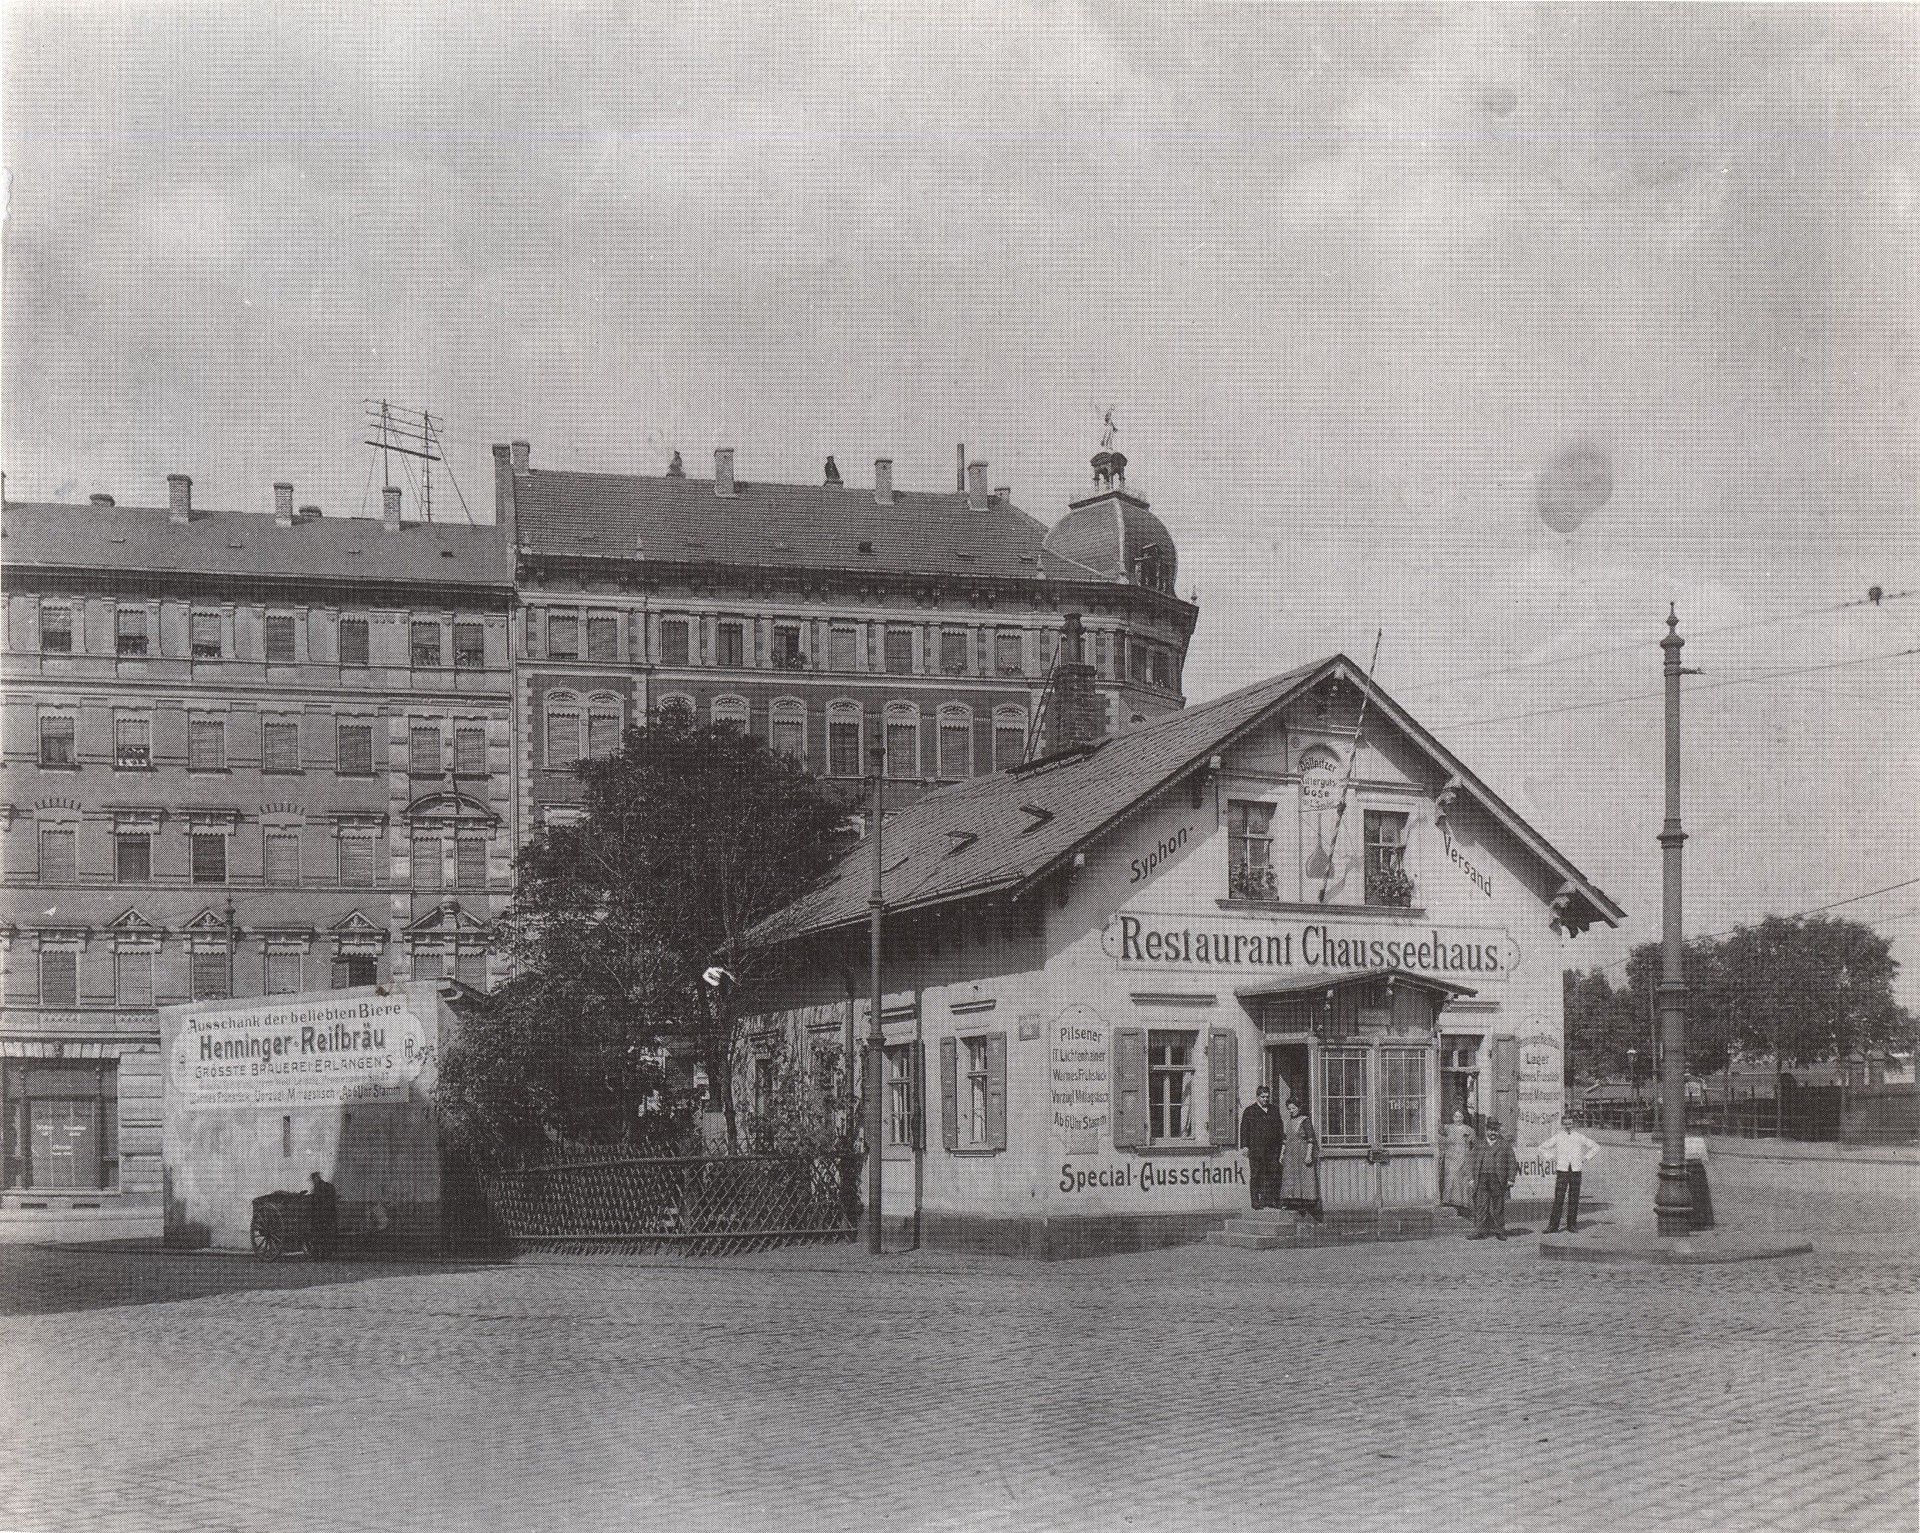 Restaurant_Chausseehaus_Leipzig_um_1910